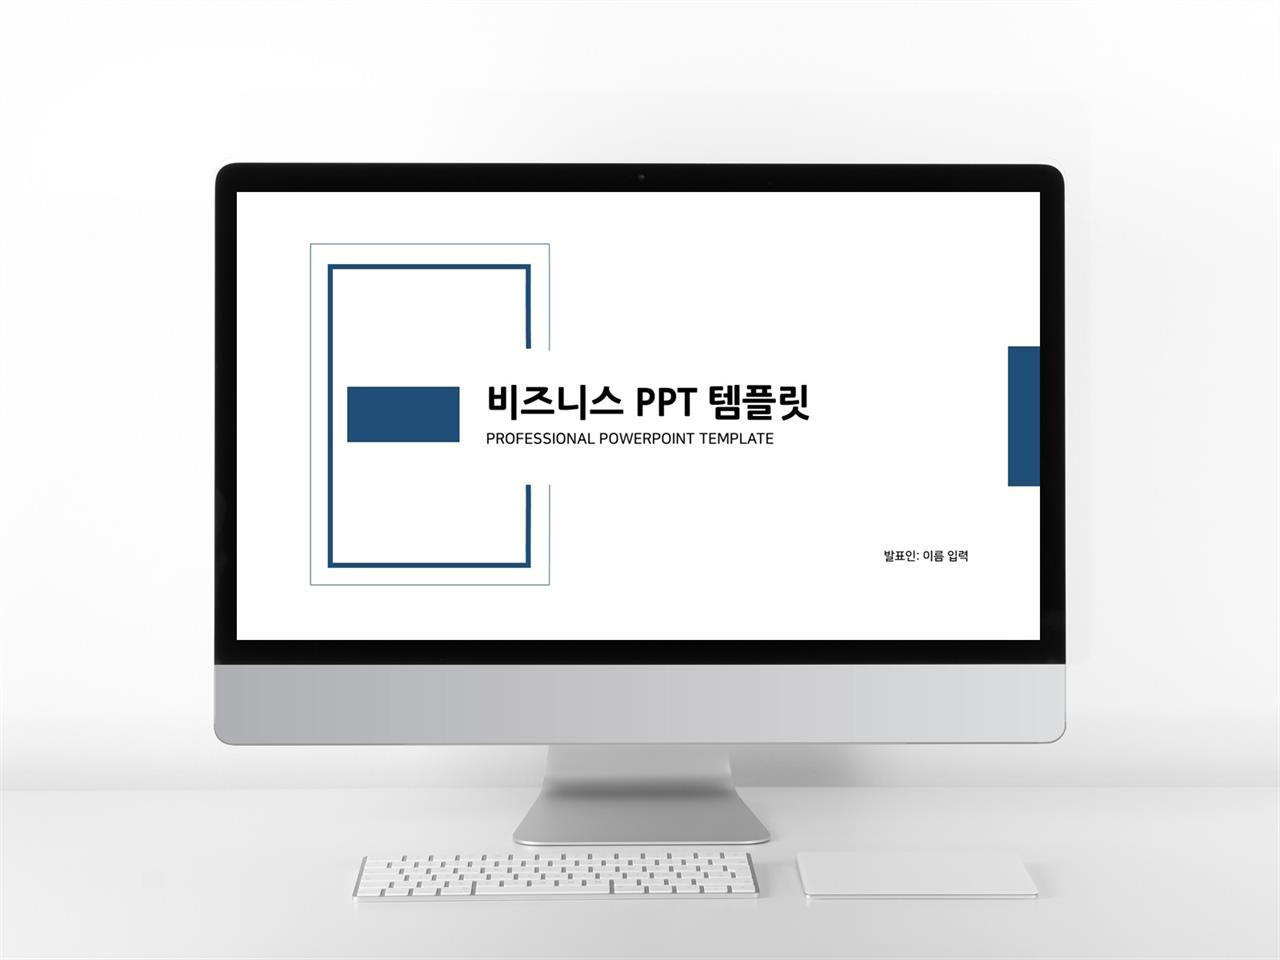 상업계획 남색 단순한 고급스럽운 피피티탬플릿 사이트 미리보기